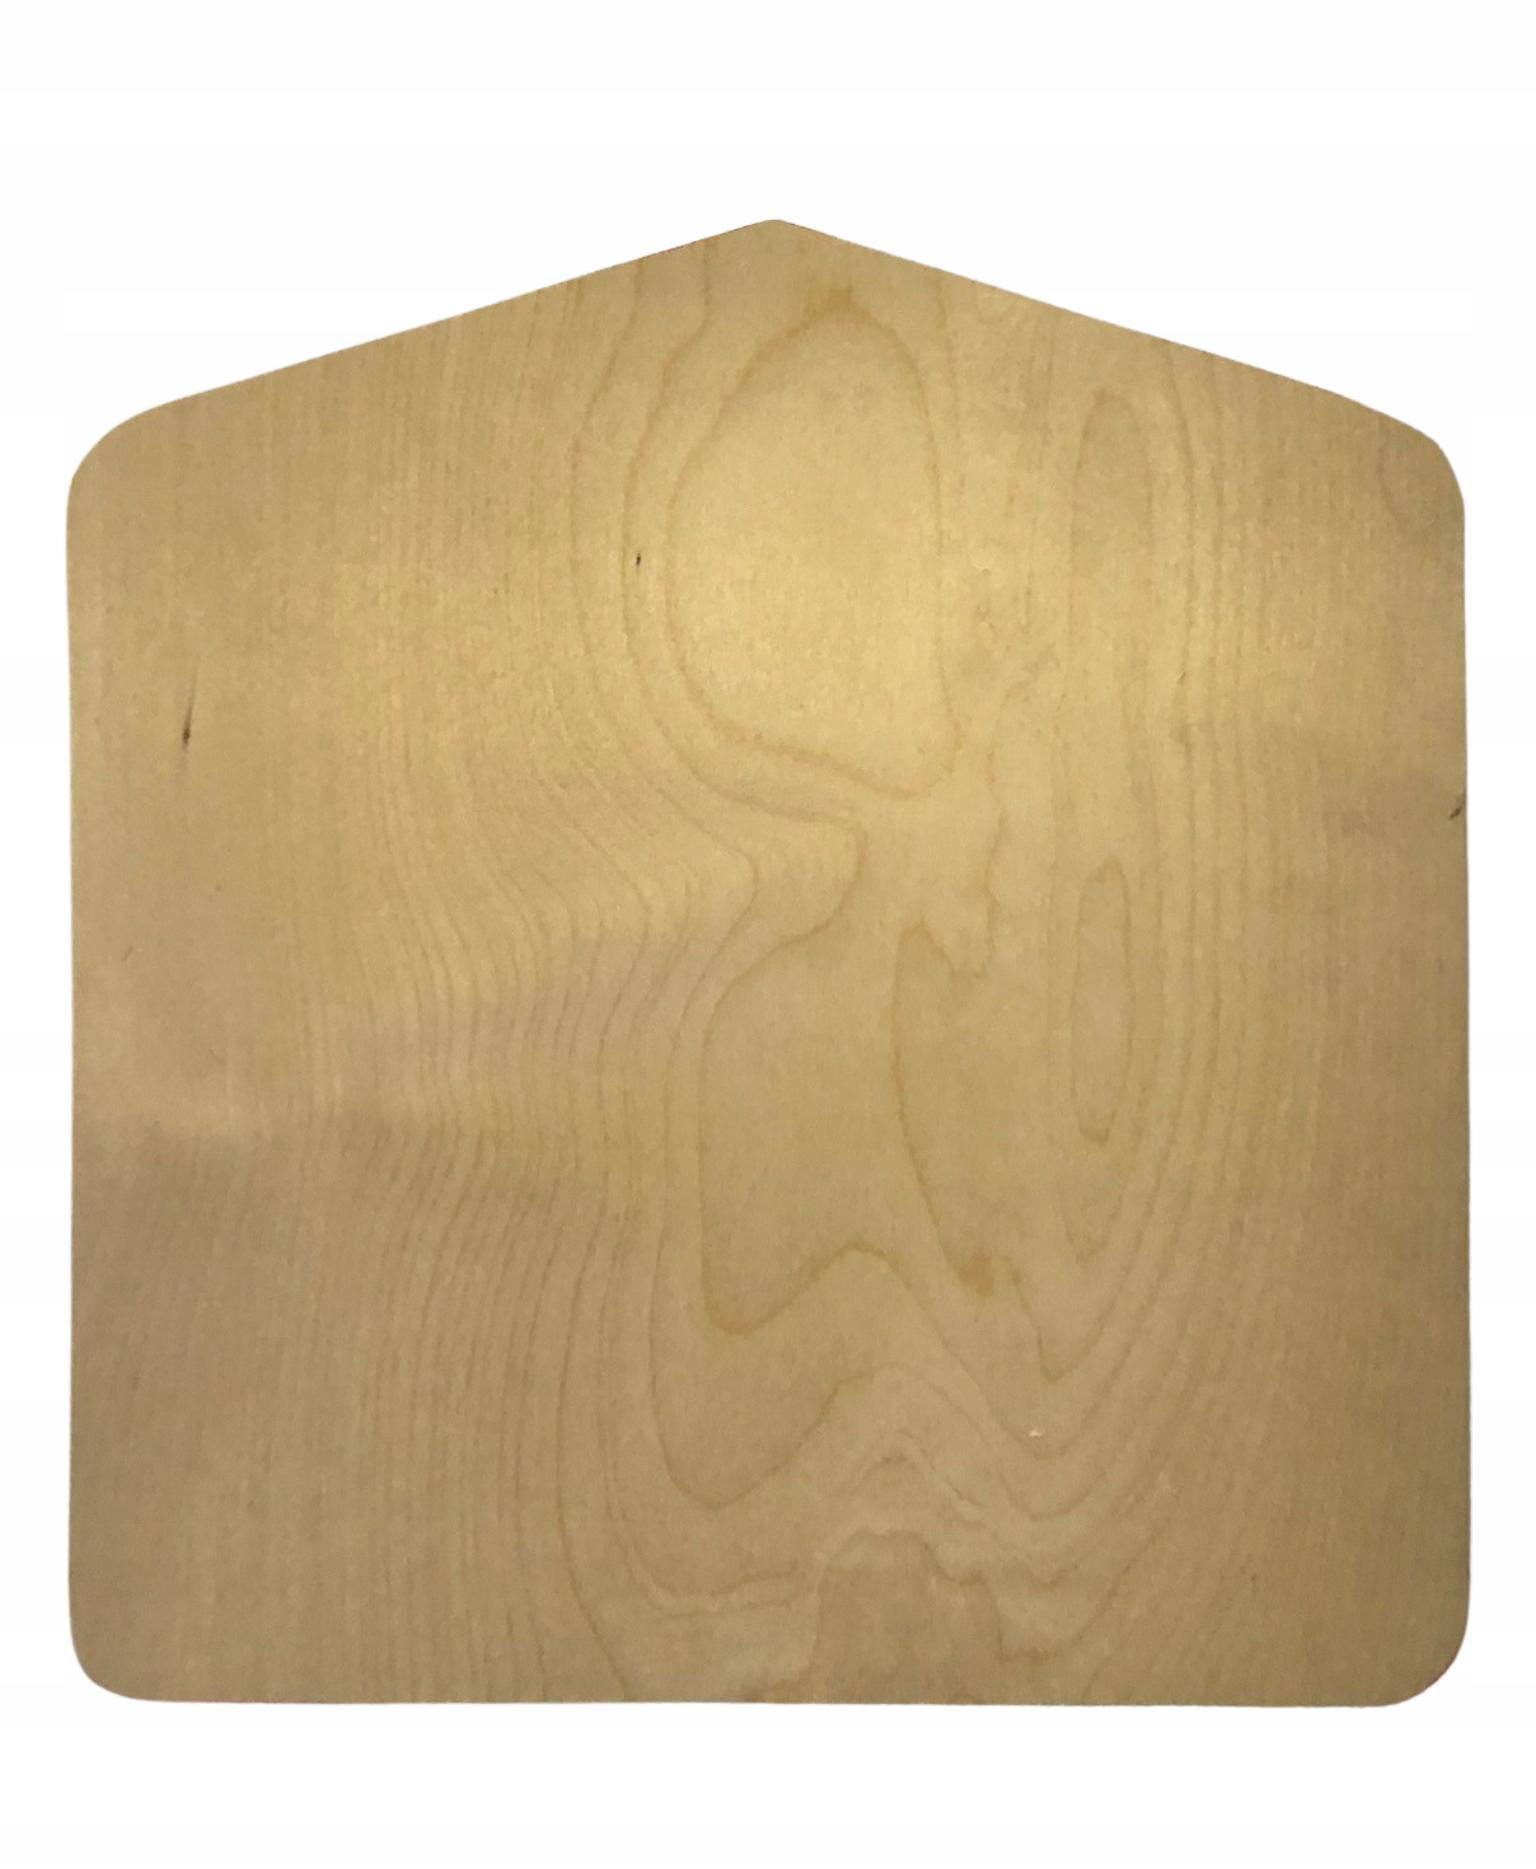 Łopatka deska do pizzy chleba drewniana szufla XXL